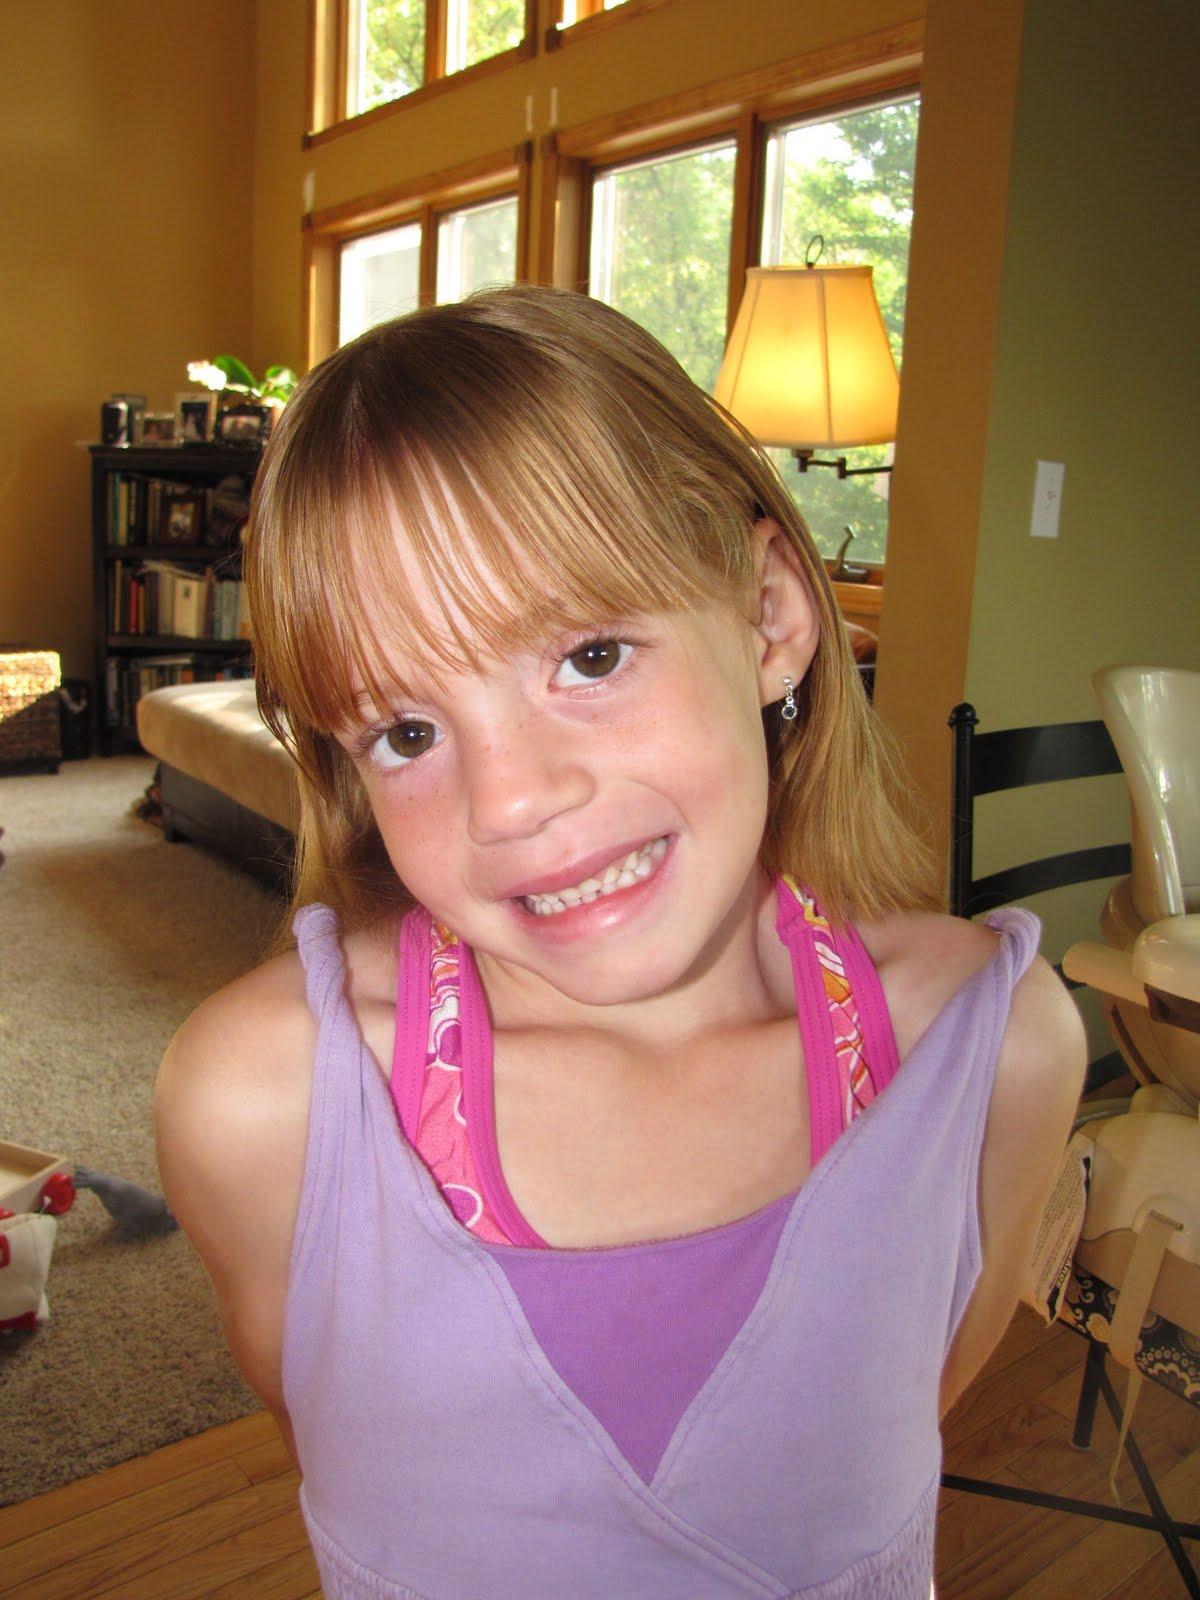 Young 3d taboo little girl-porno Photos